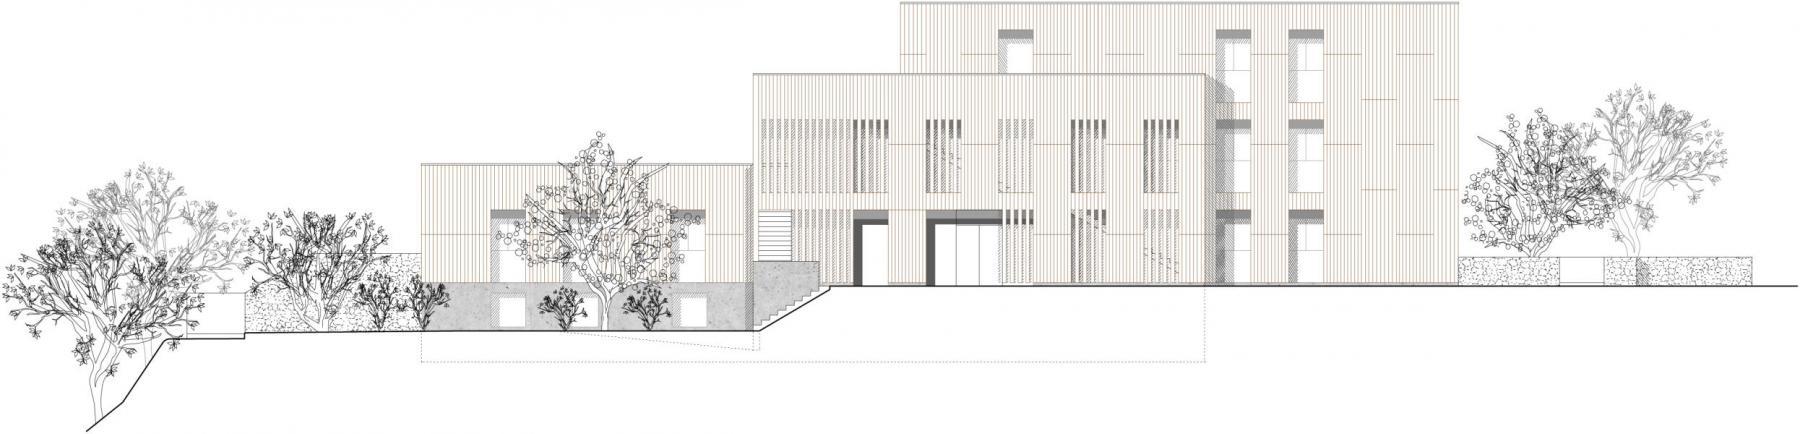 Siegerprojekt Trias, Nordfassade (Plan: Blättler Heinzer Architektur, Zürich)